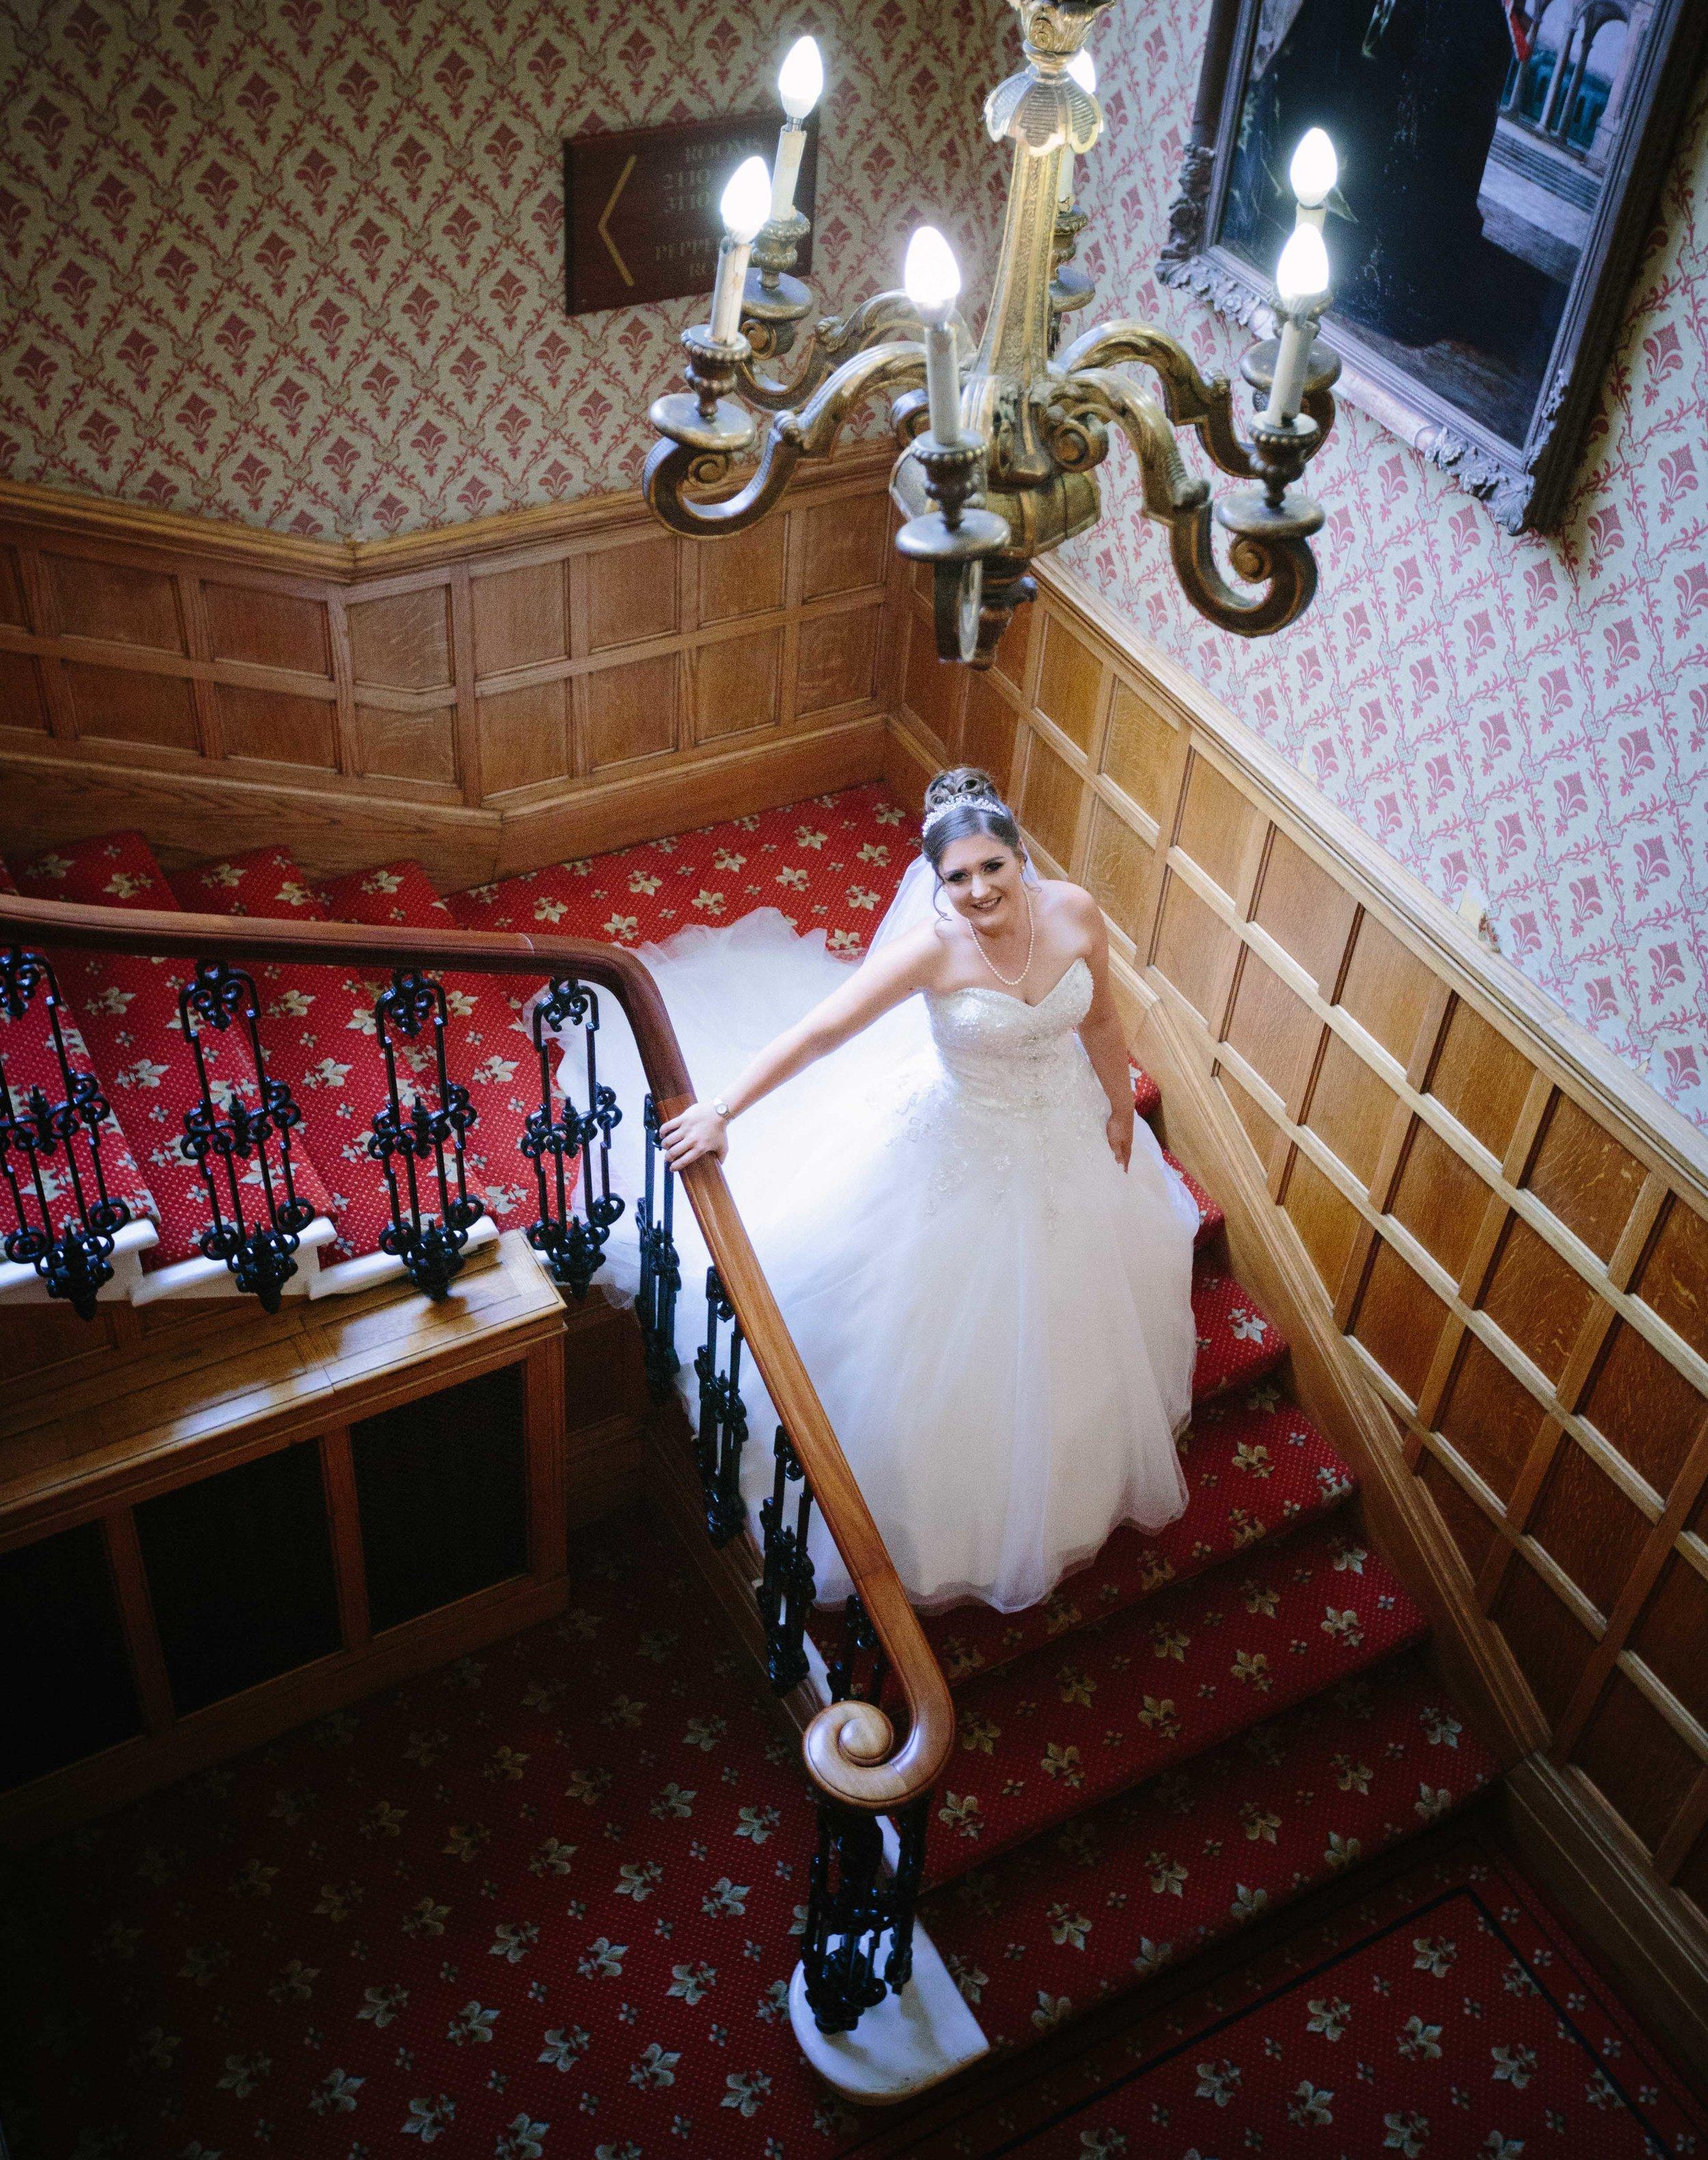 HamptonCourt-Wedding-Weybridge-Surrey-London-OatlandsParkHotel-18